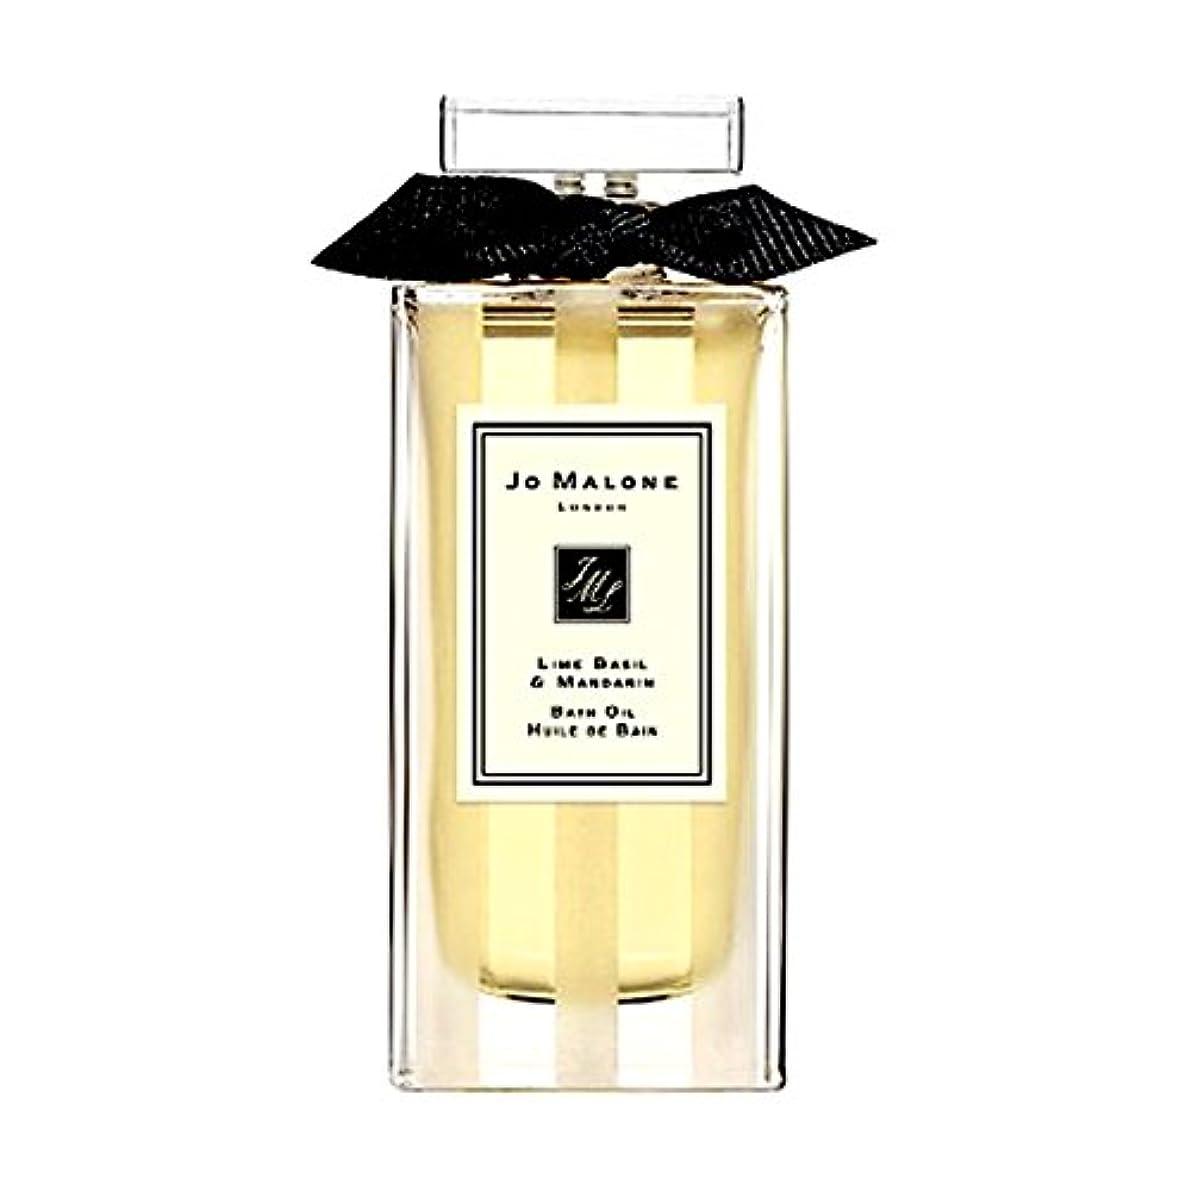 受取人フレキシブル硫黄Jo Maloneジョーマローン, バスオイル -ライムバジル&マンダリン (30ml),' Lime Basil & Mandarin' Bath Oil (1oz) [海外直送品] [並行輸入品]